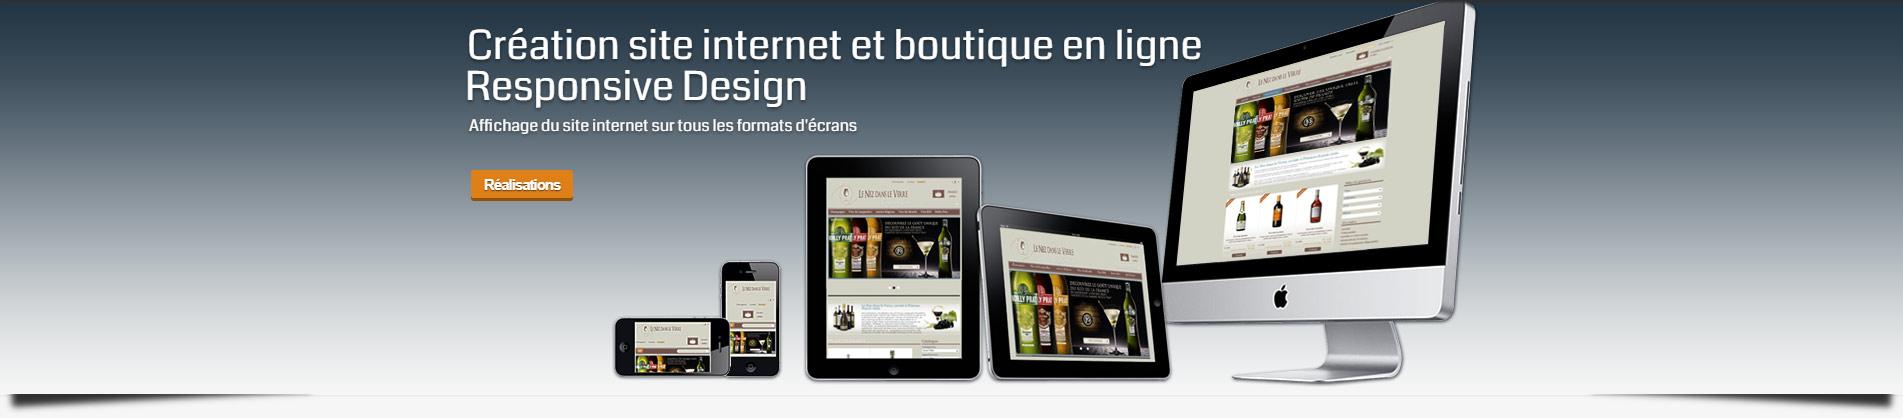 site web responsive design et boutique en ligne